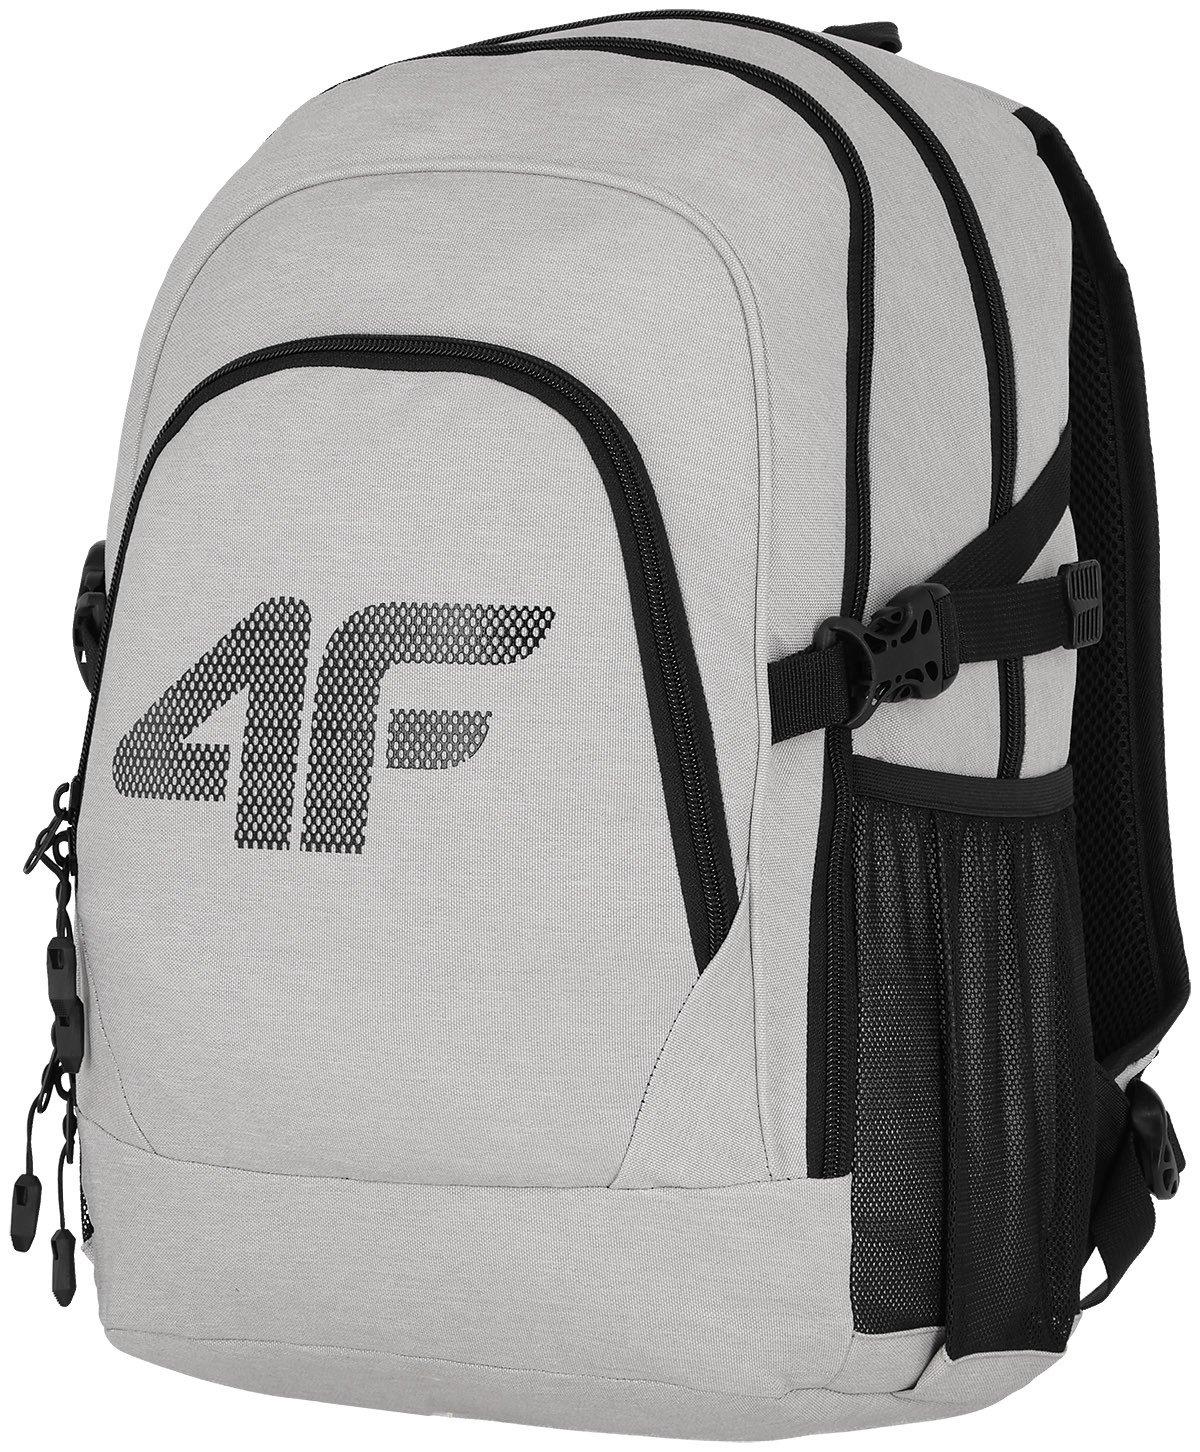 4F Plecak tornister PCU008A Biały